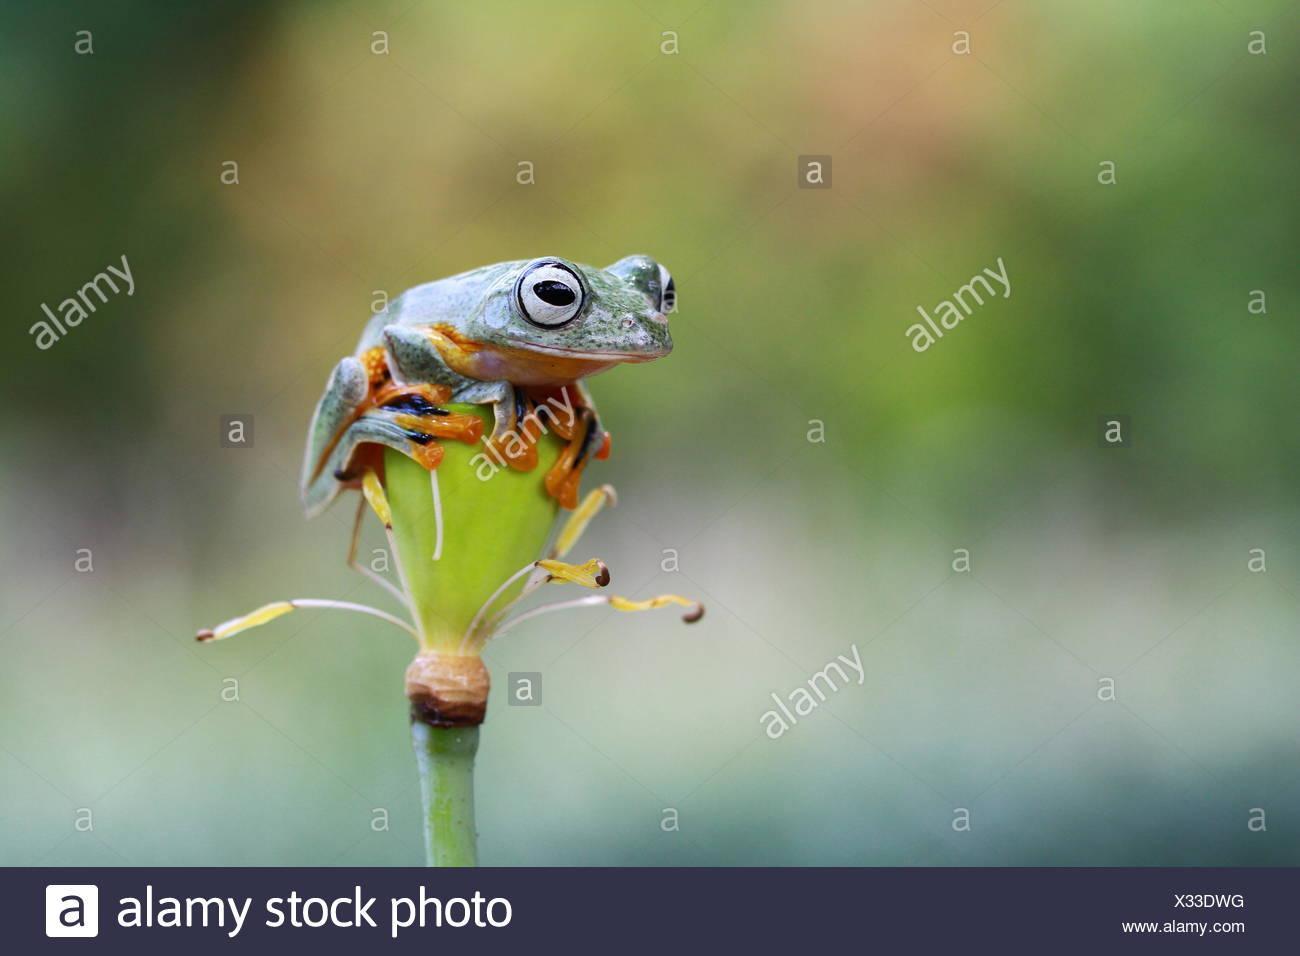 Javan tree frog on a flower, Indonesia - Stock Image